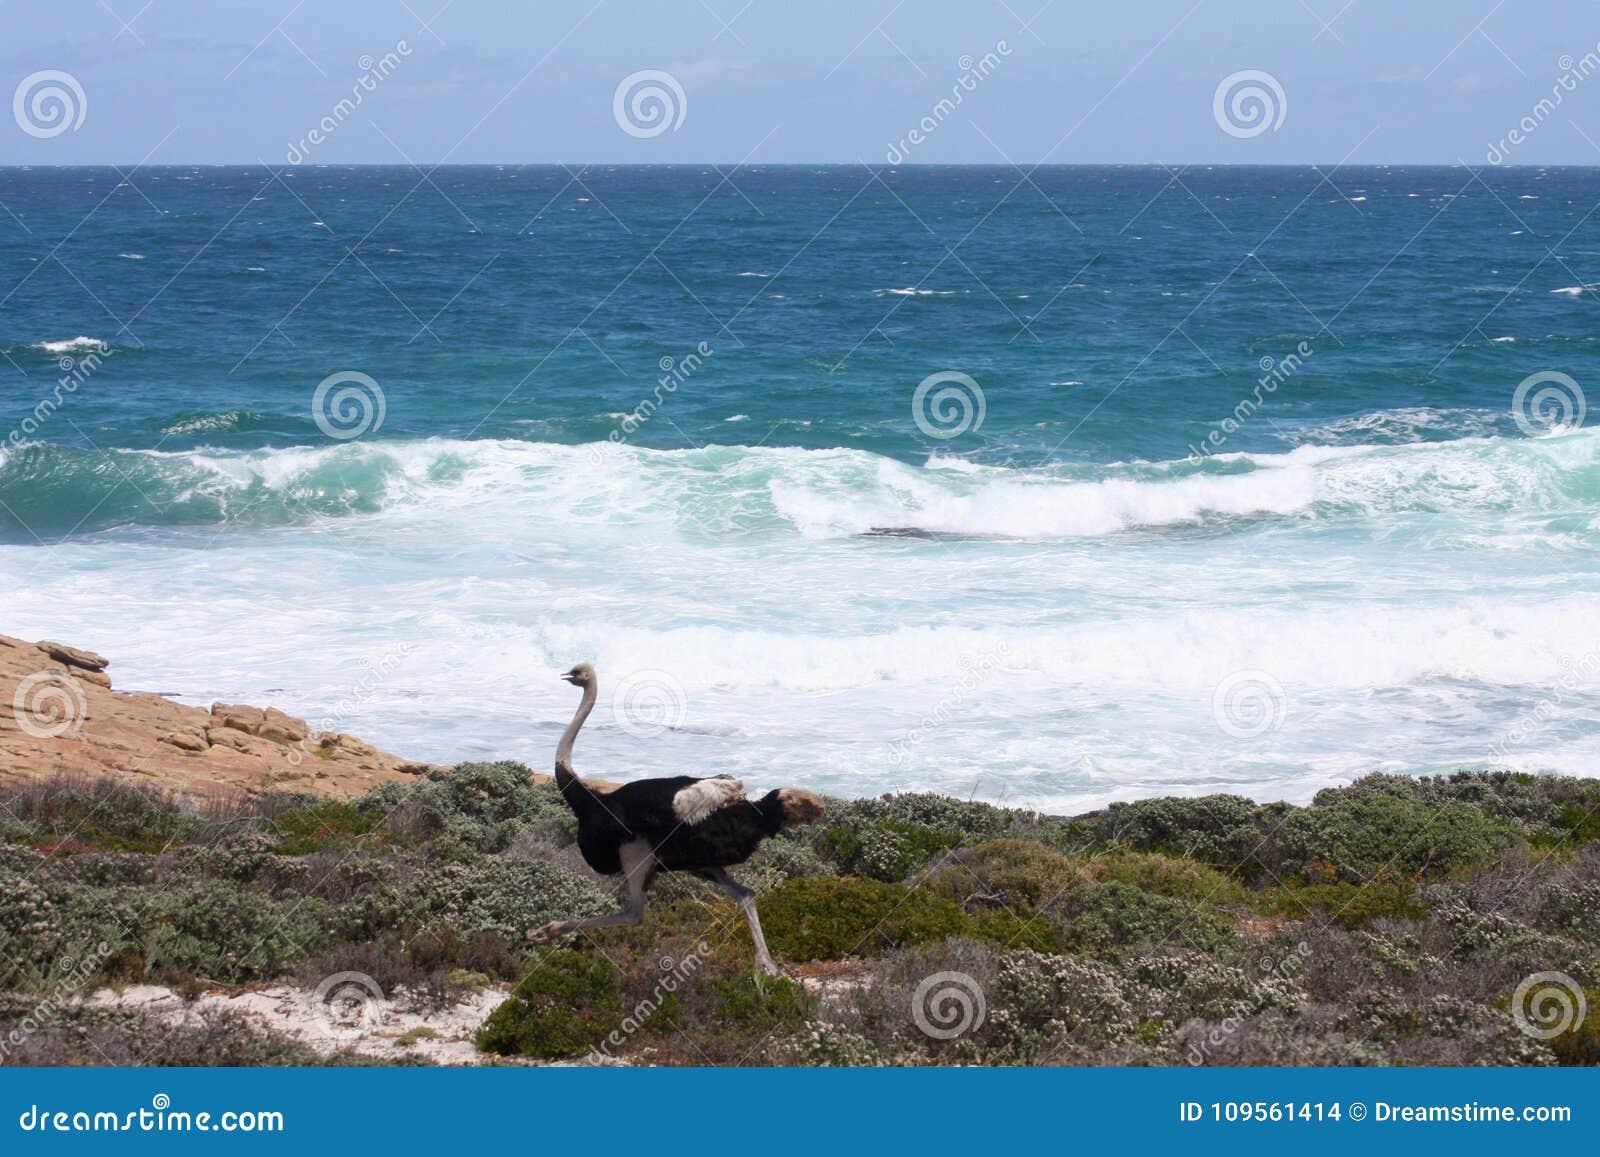 Strauß Der Entlang Die Seeküste Läuft Stockfoto Bild Von Ozean